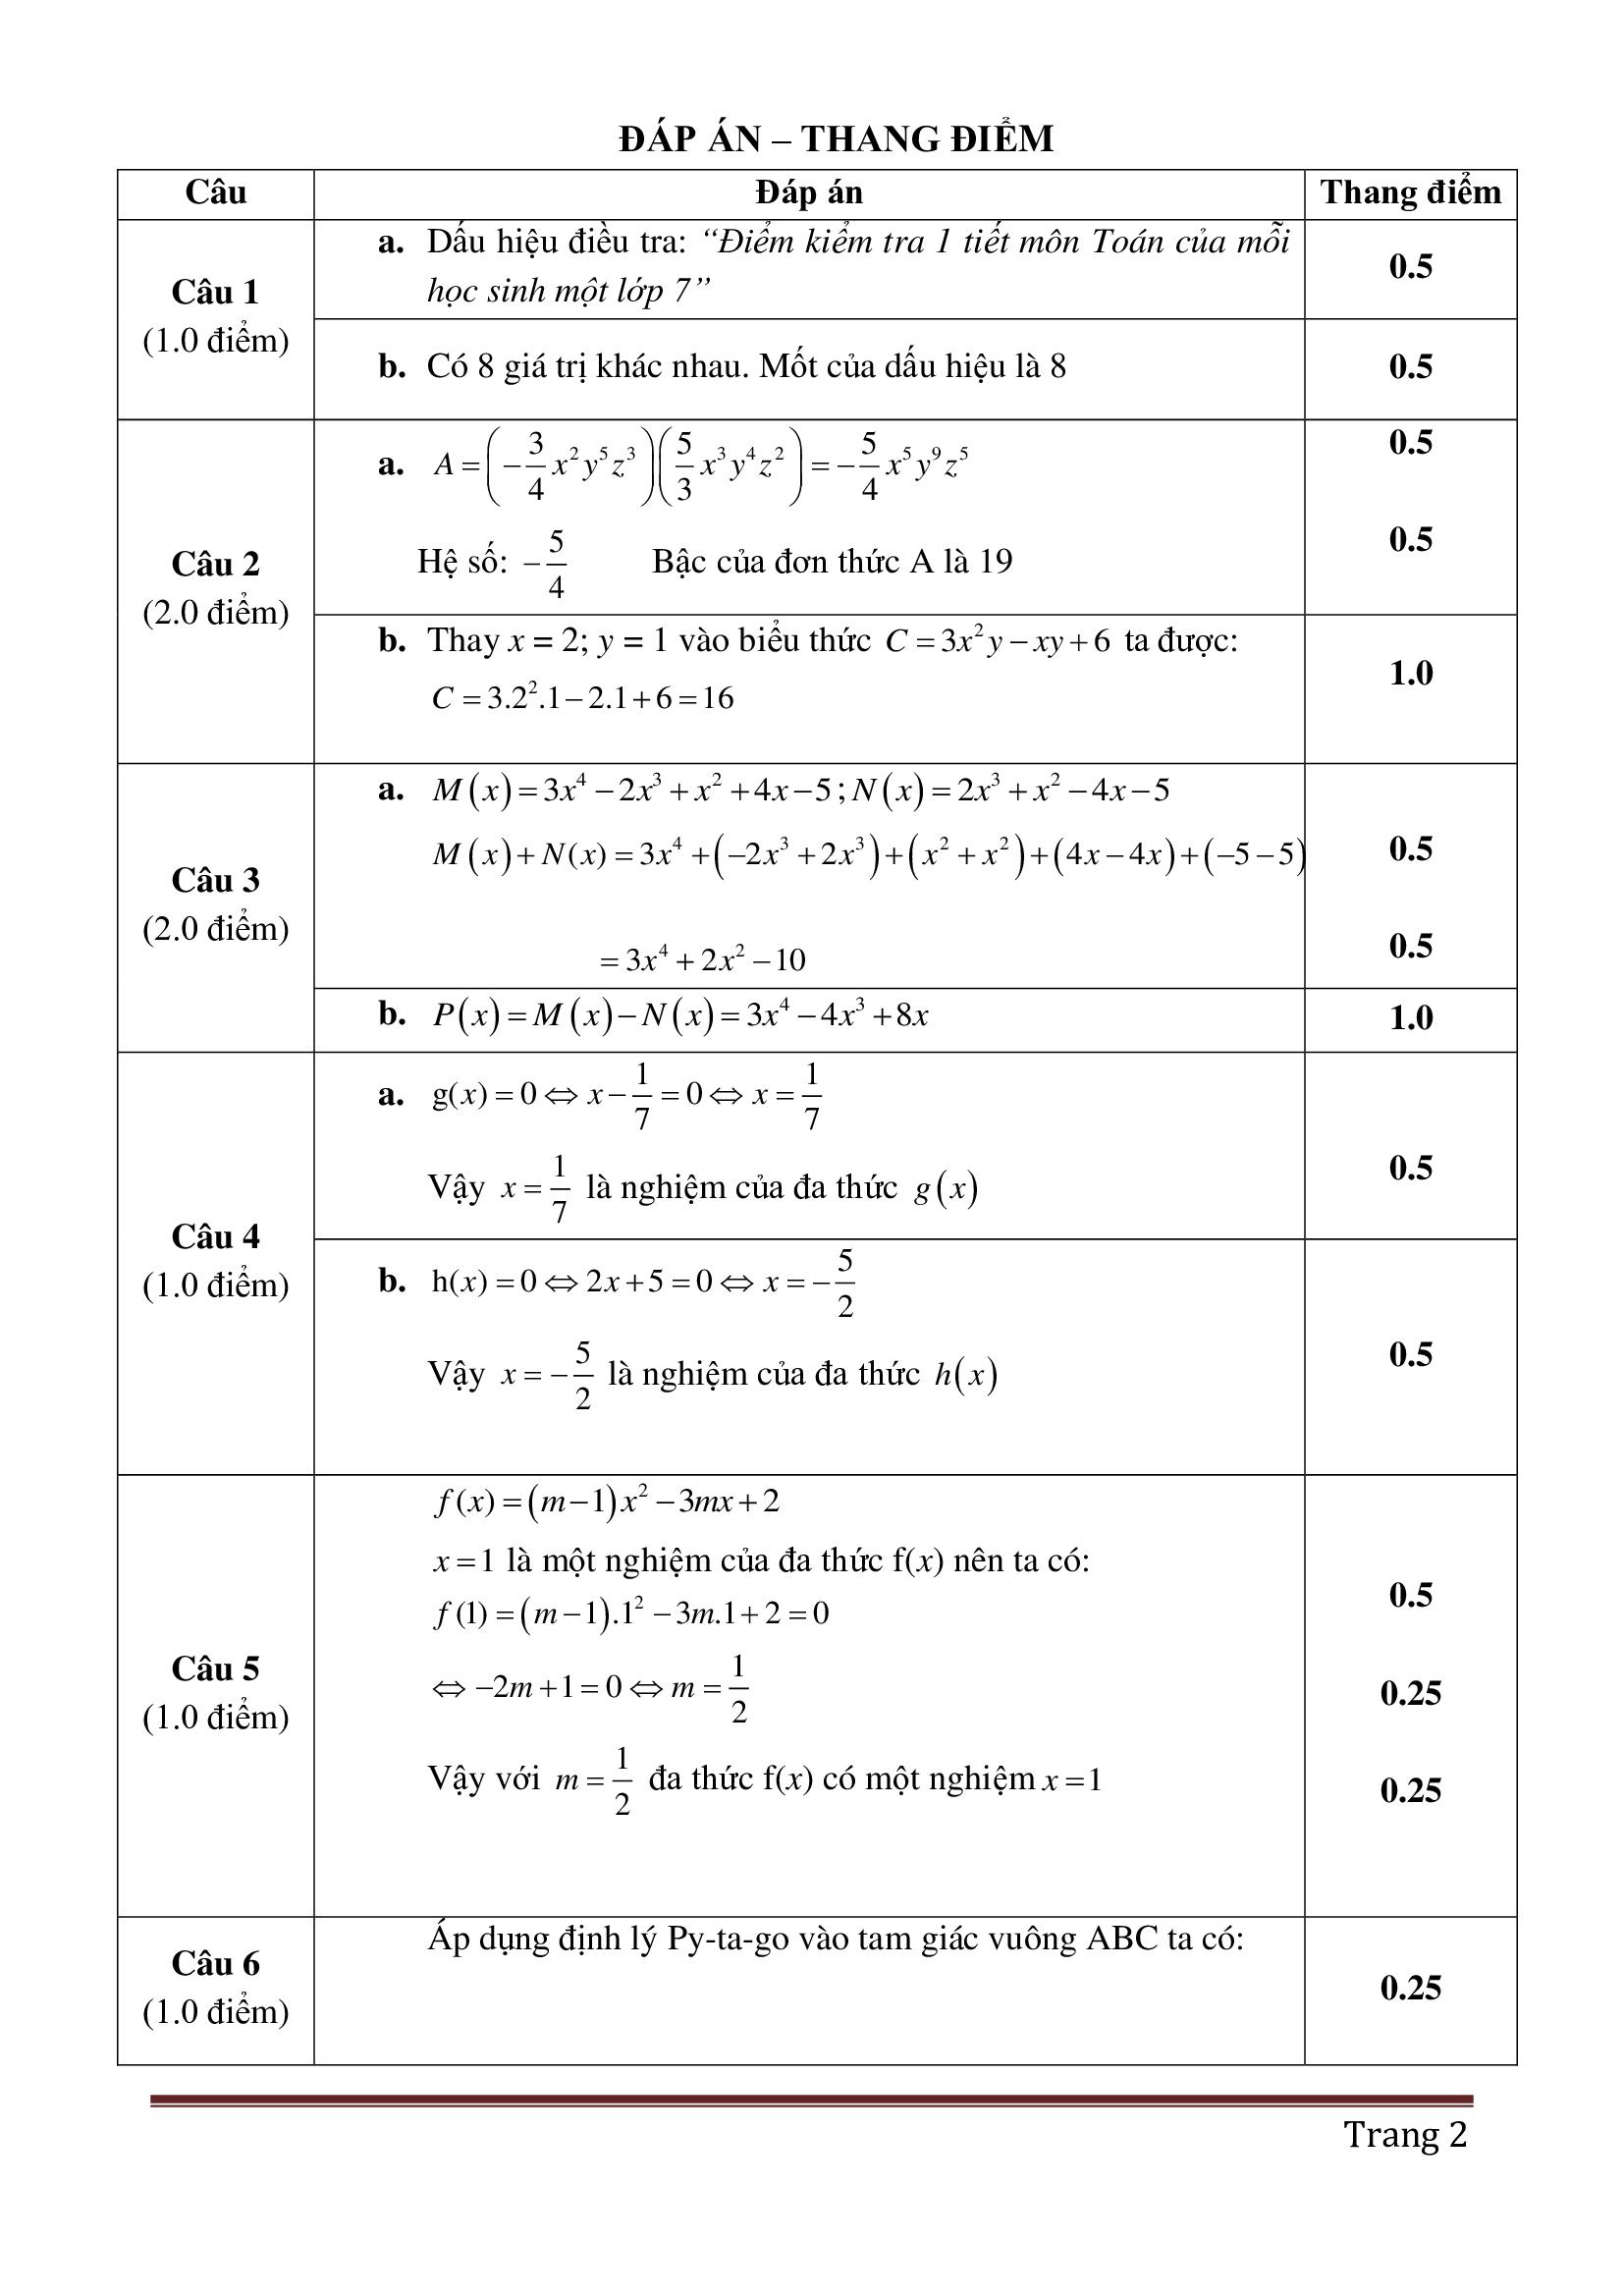 Đề thi hk2 toán 7 có đáp án dễ hiểu và hay 2021 chuẩn